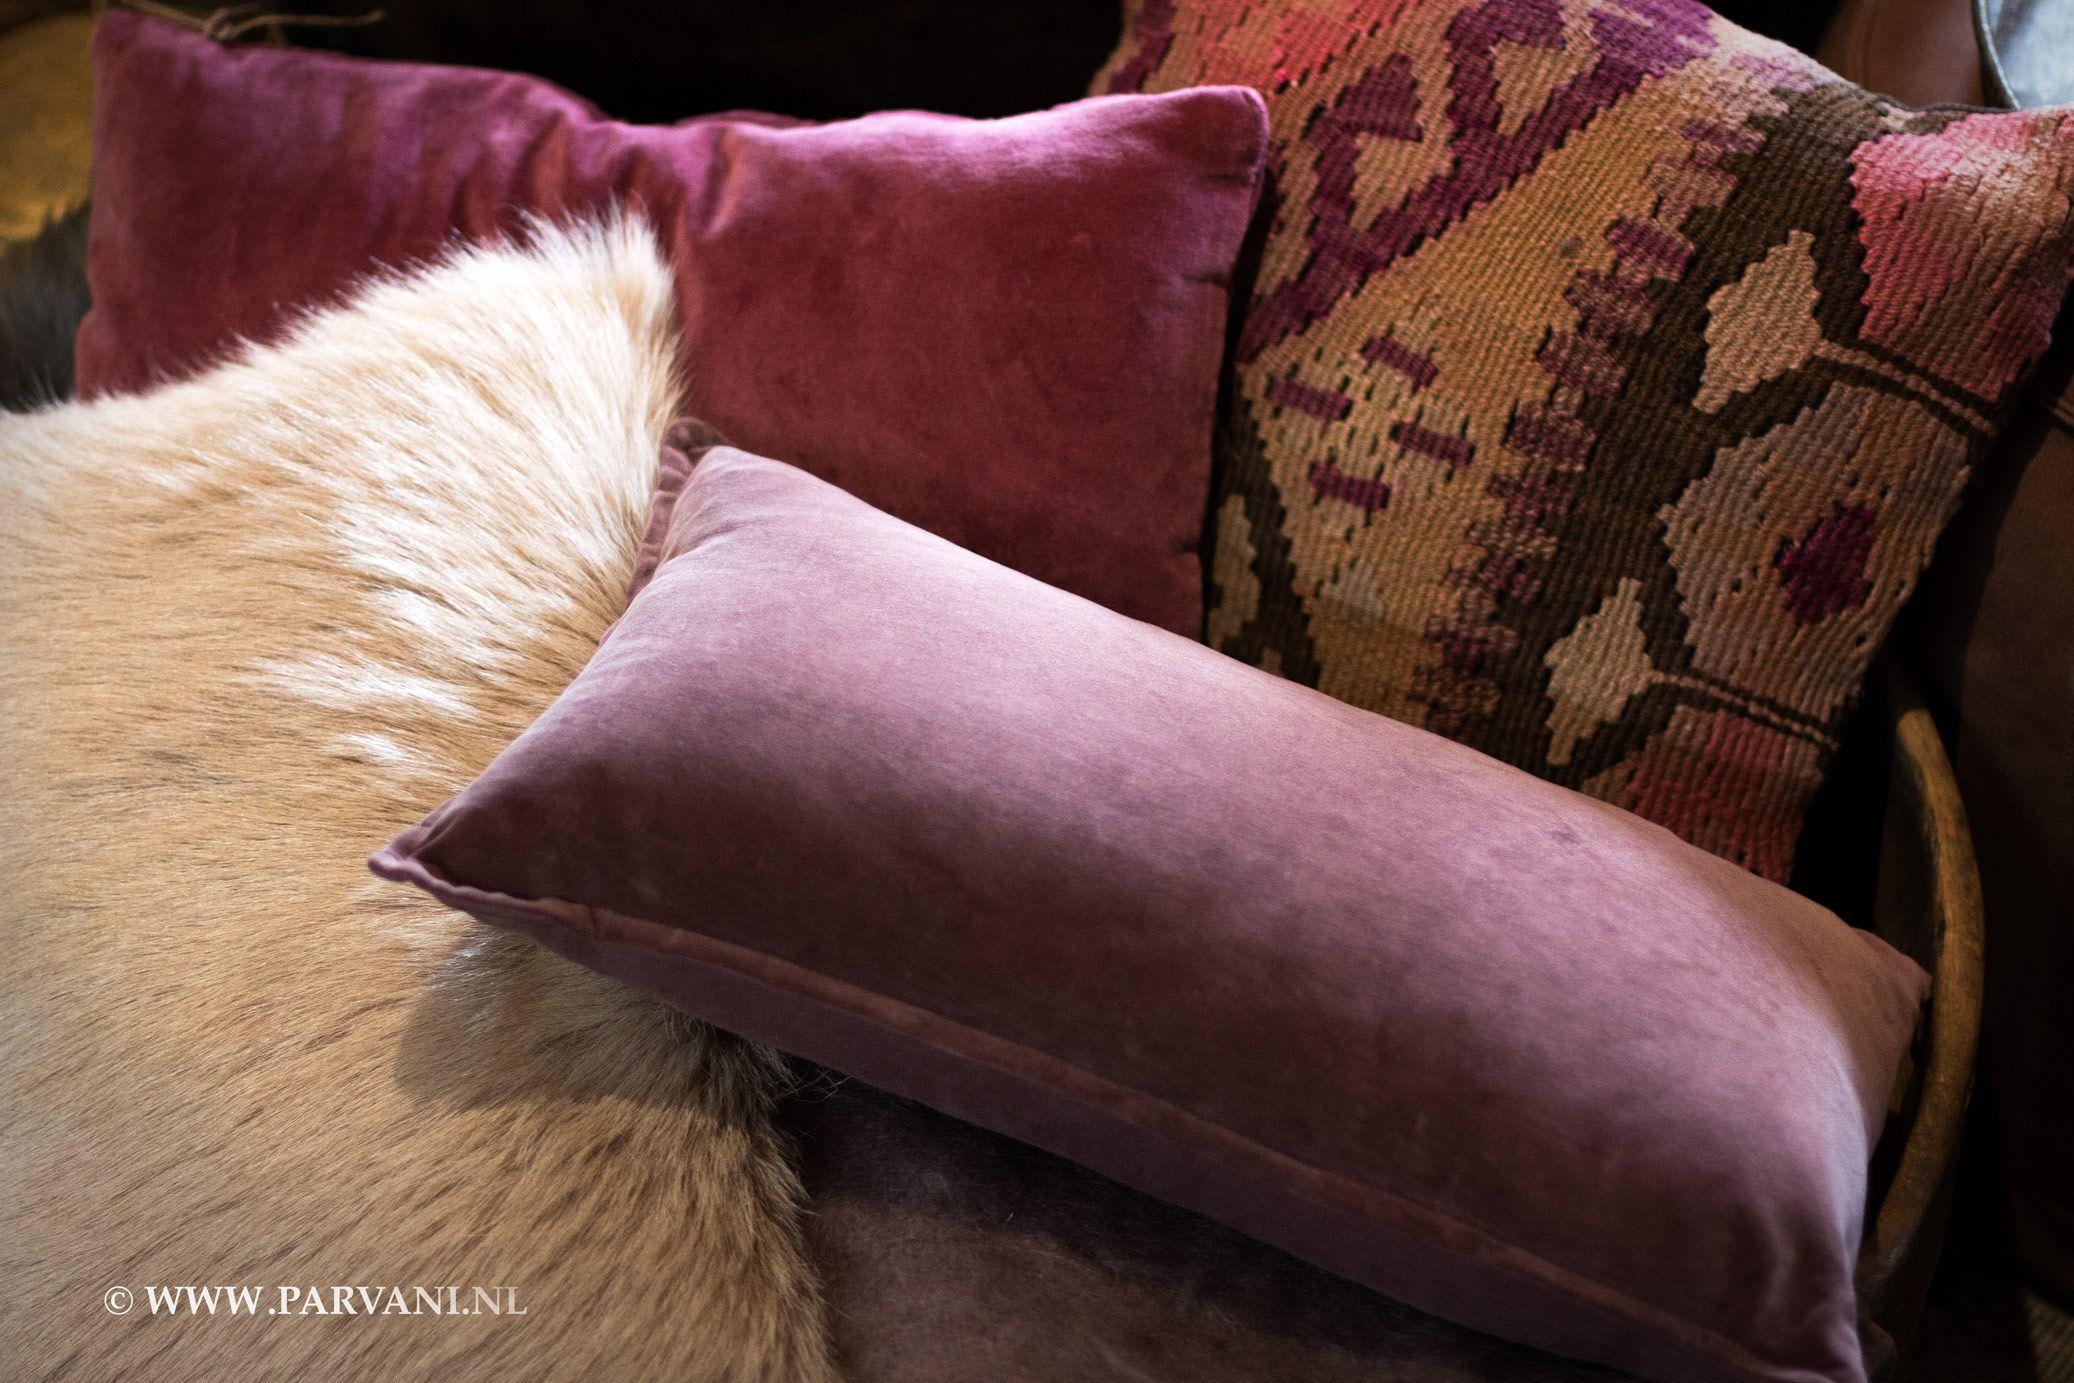 Kussen Oud Roze : Parvani kussens oud roze geitenvacht velours kelim cicim